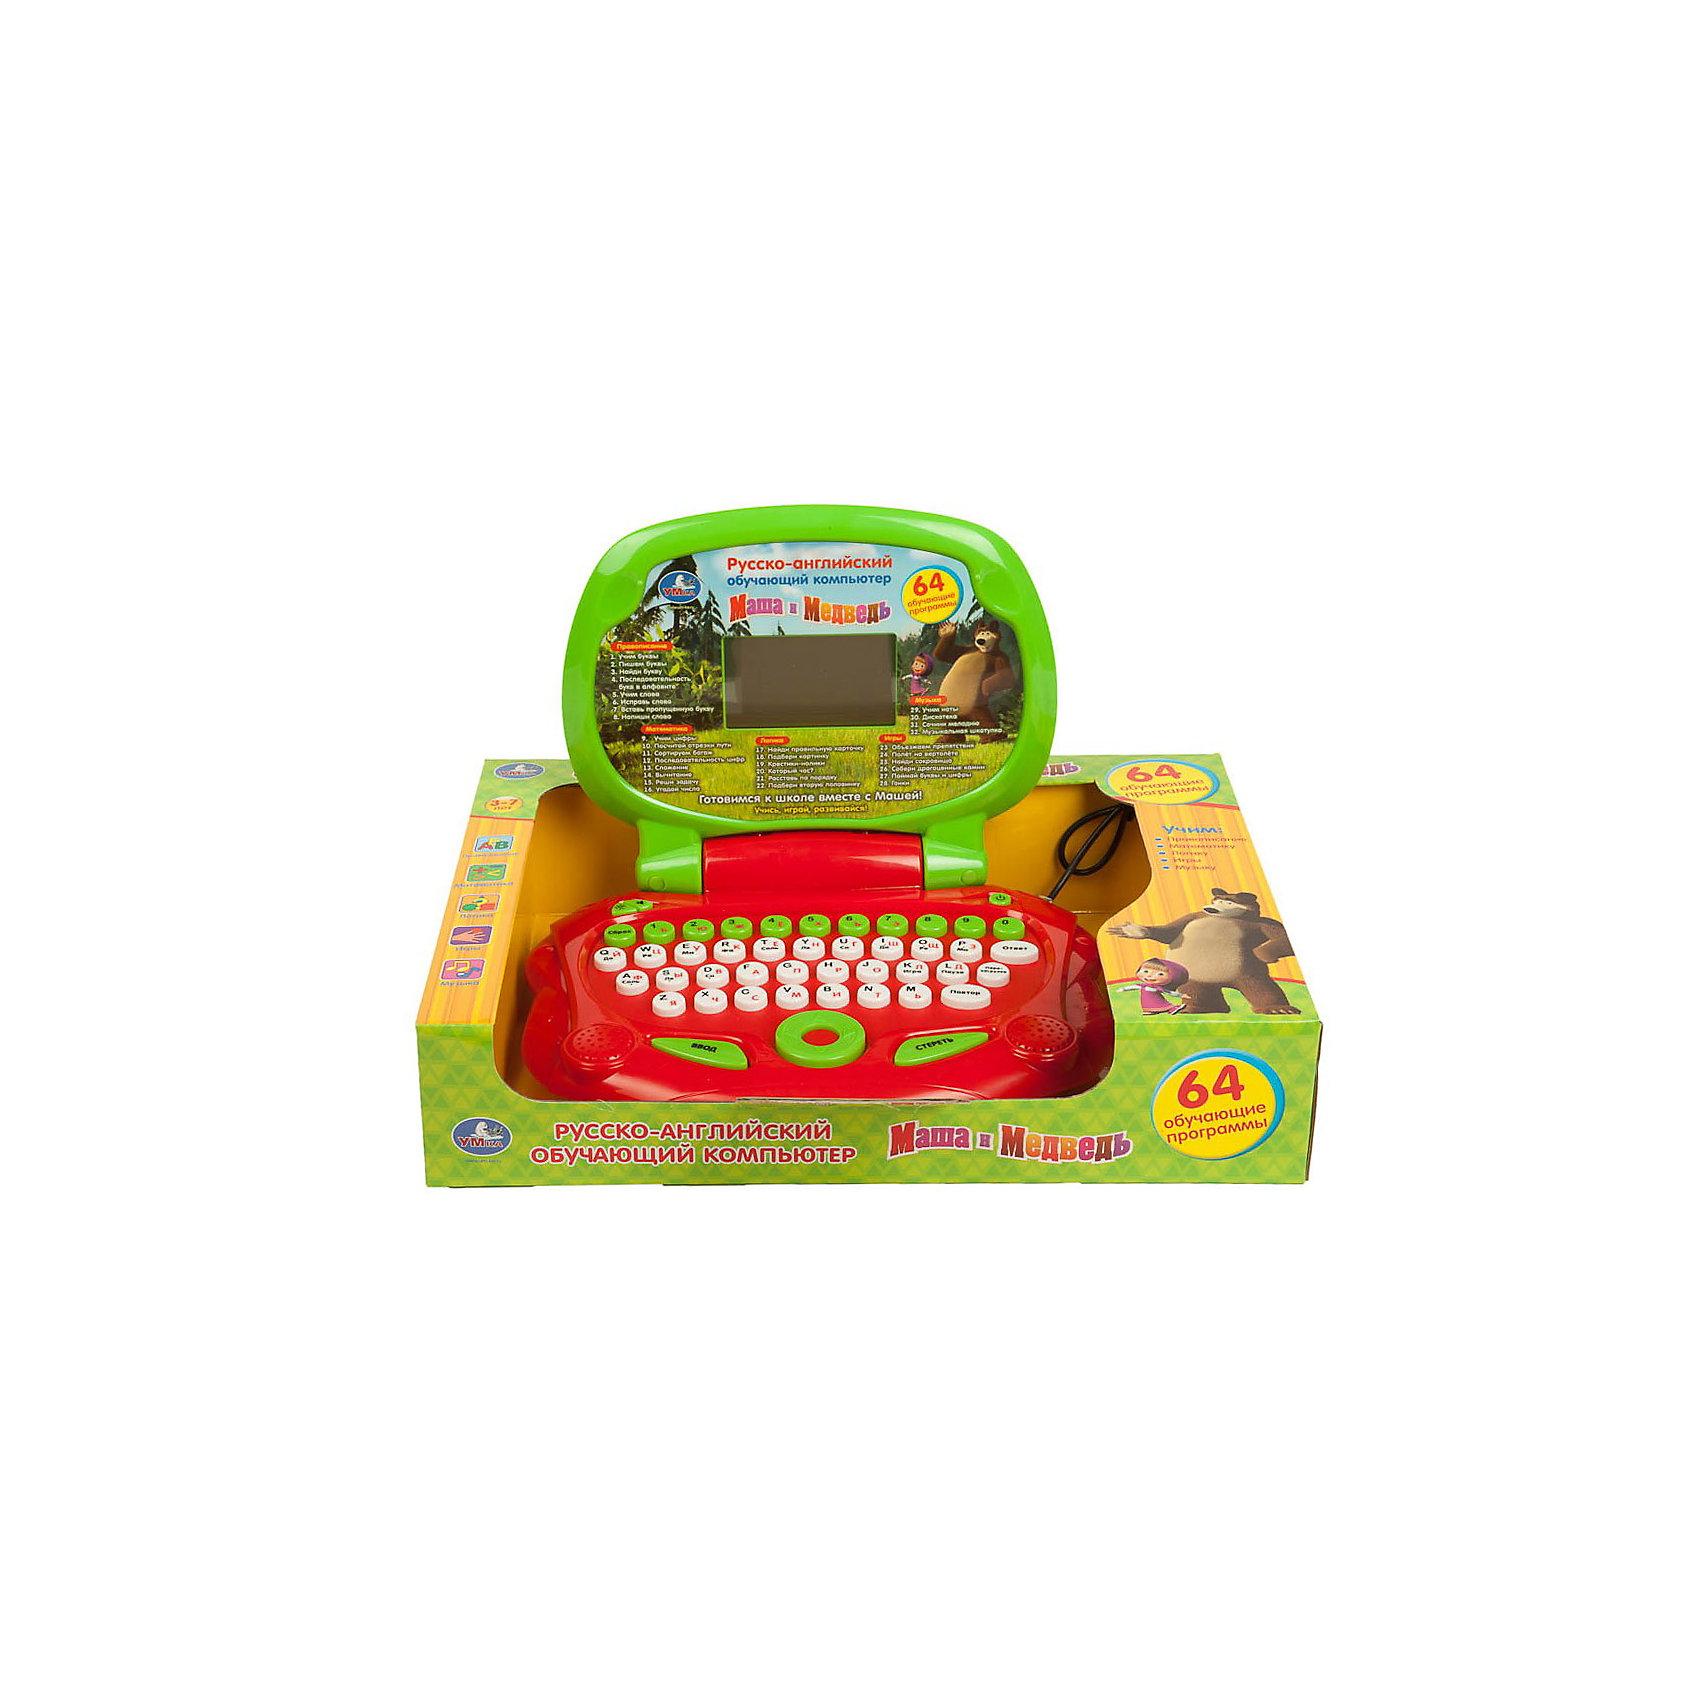 Умка Компьютер Маша и Медведь, 64 программы, Умка магниты маша и медведь купить игрушку